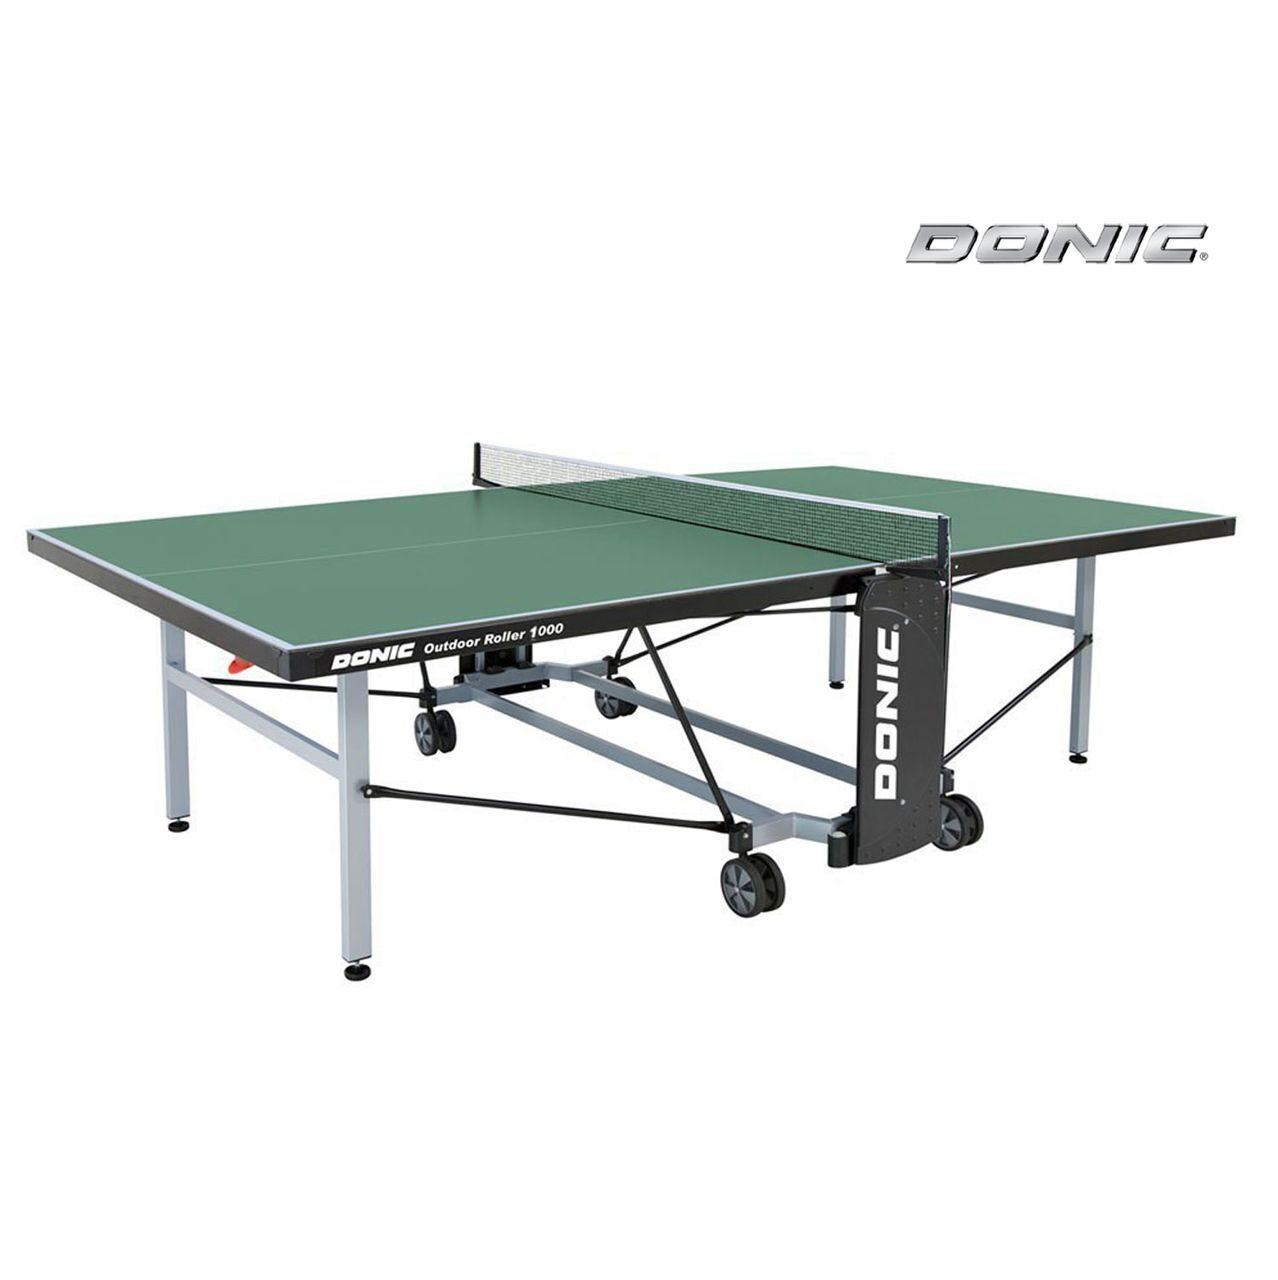 Всепогодный теннисный стол Donic Outdoor Roller 1000 230291-G